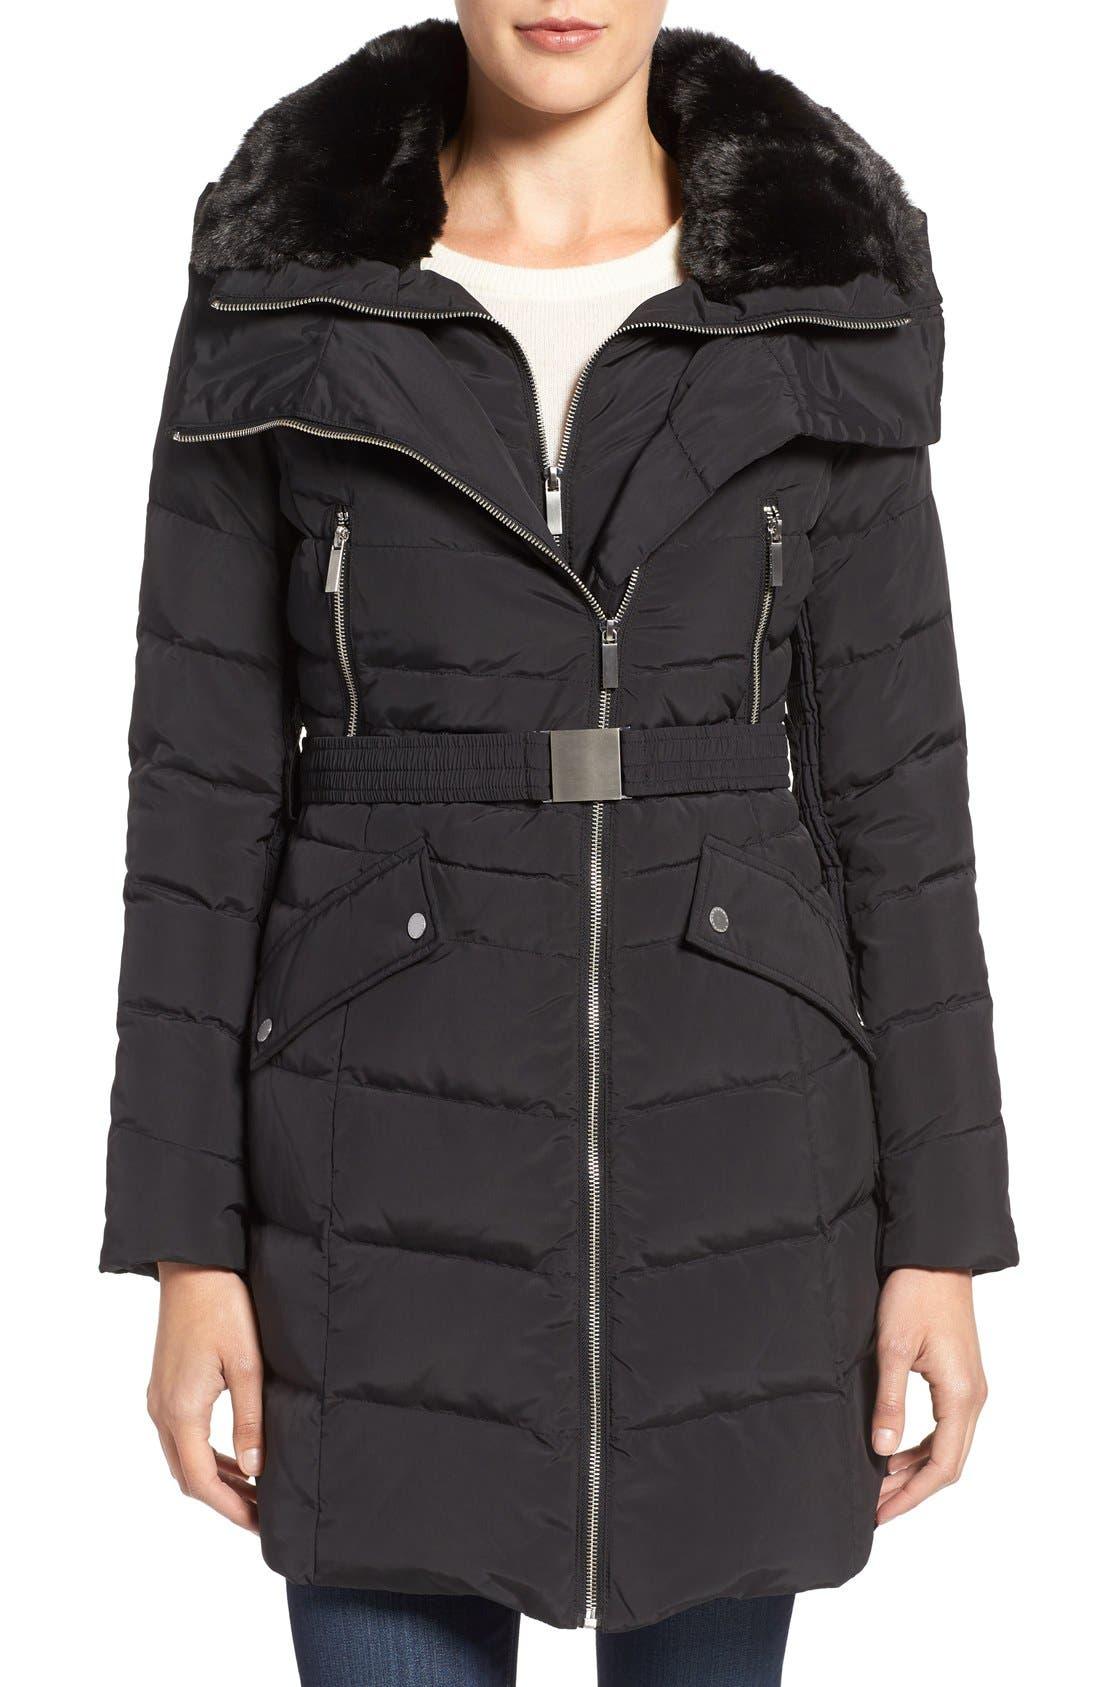 Down Coat with Faux Fur Trim,                         Main,                         color, Black